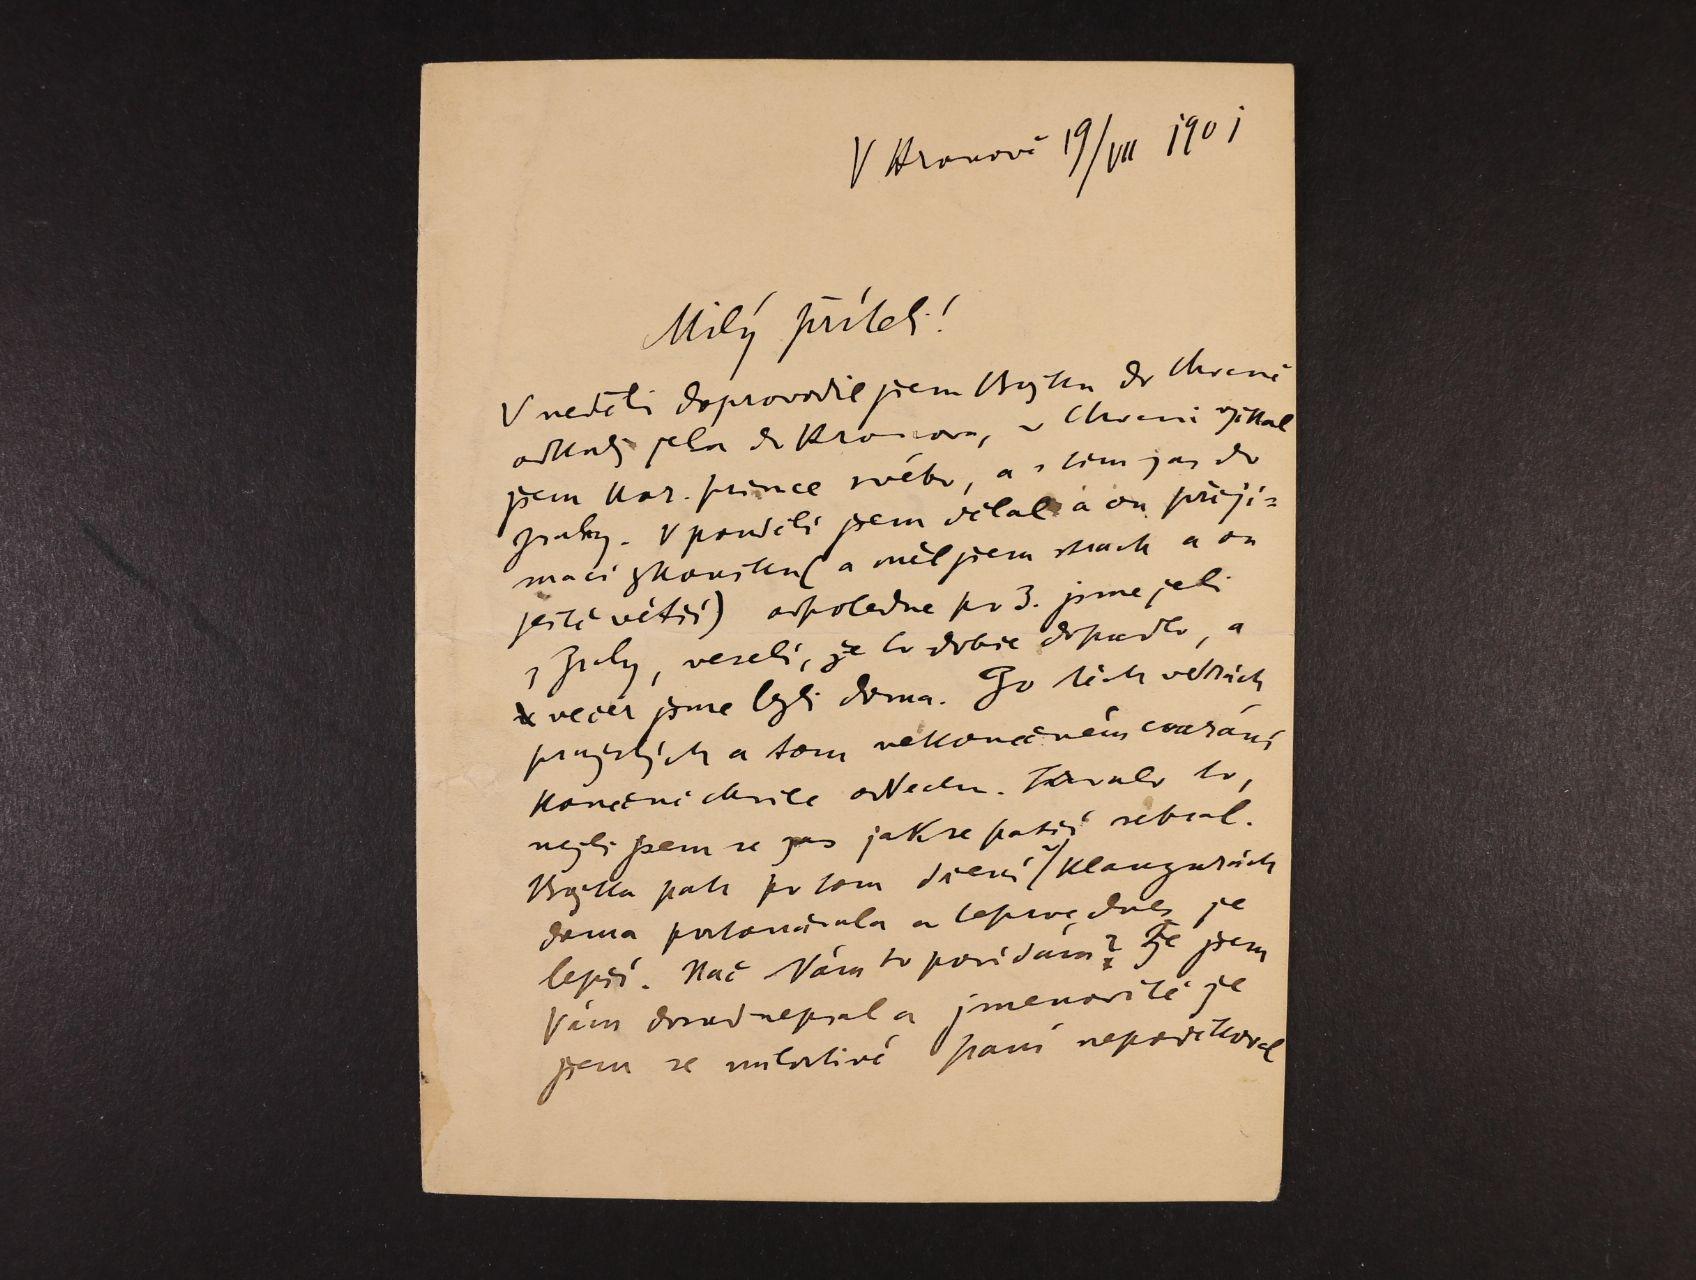 Jirásek Alois 1851 - 1930, význačný čs. spisovatel, prozaik, dramatik, politik a učitel - vlastnoručně psaný dopis s datací 19.7.1901